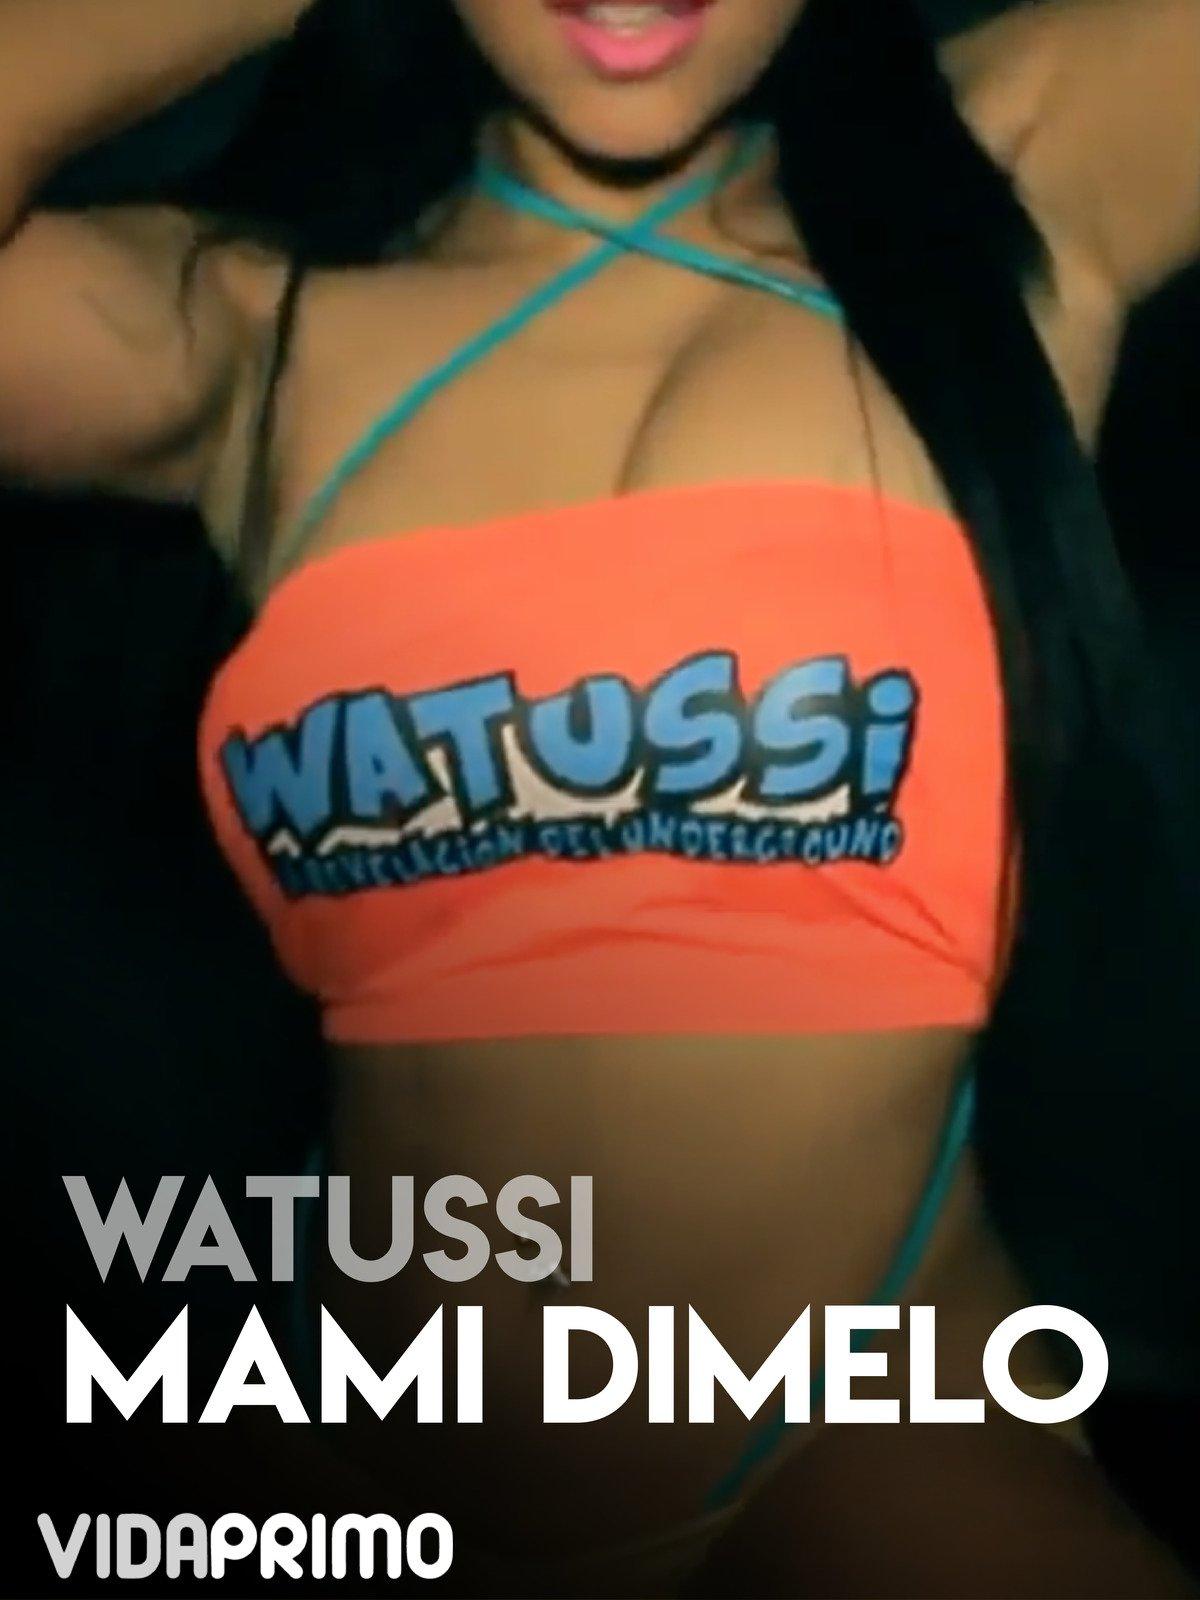 Watussi